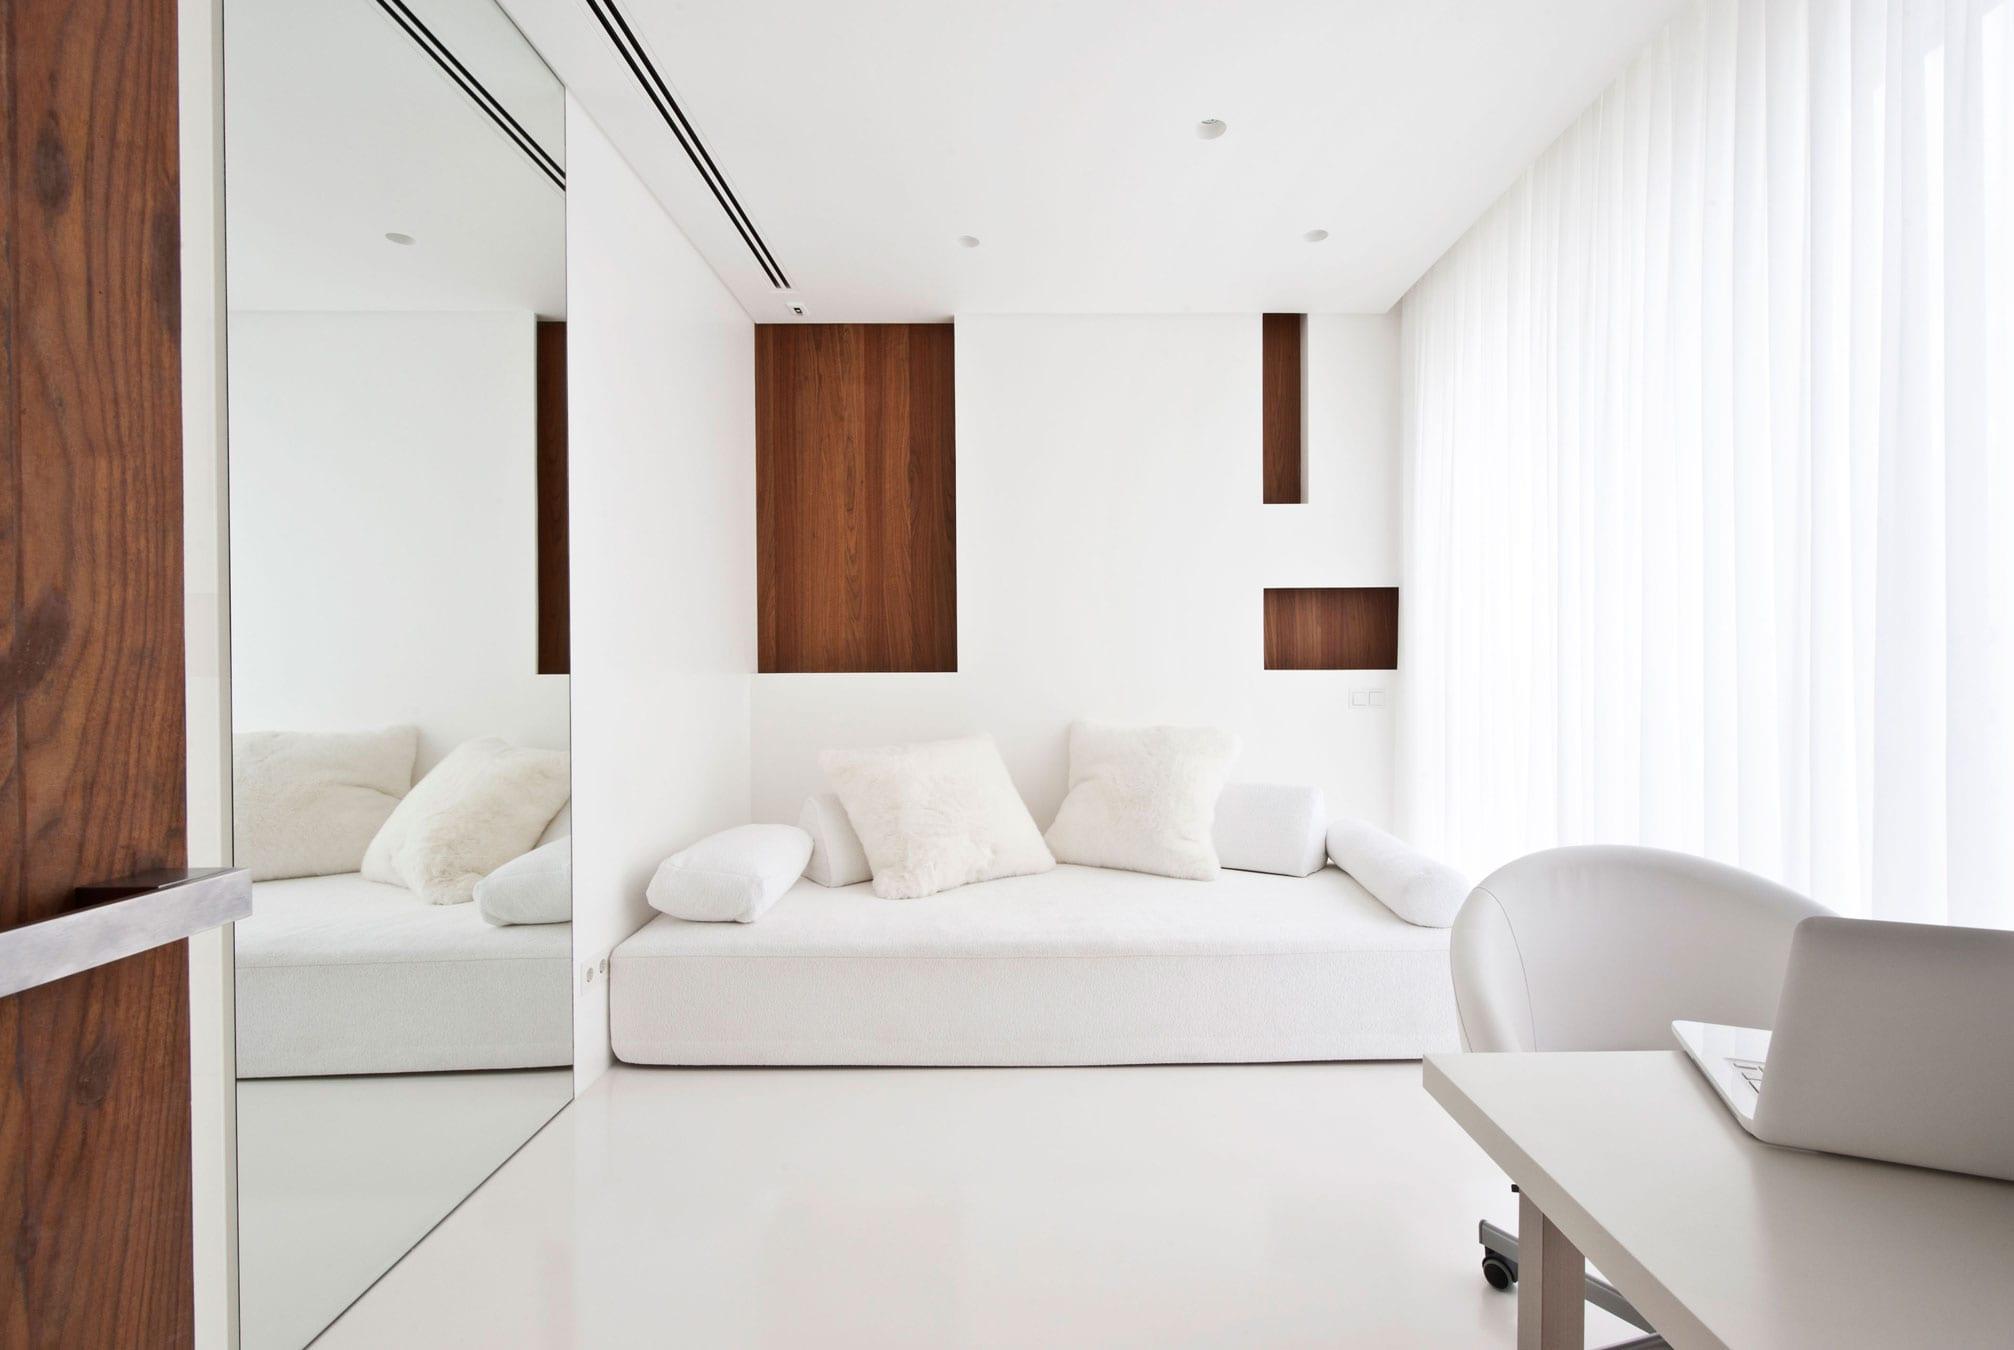 minimalistische Zimmergestaltung in weiß mit polstersofa weiß und bürotisch mit bürostühl weiß